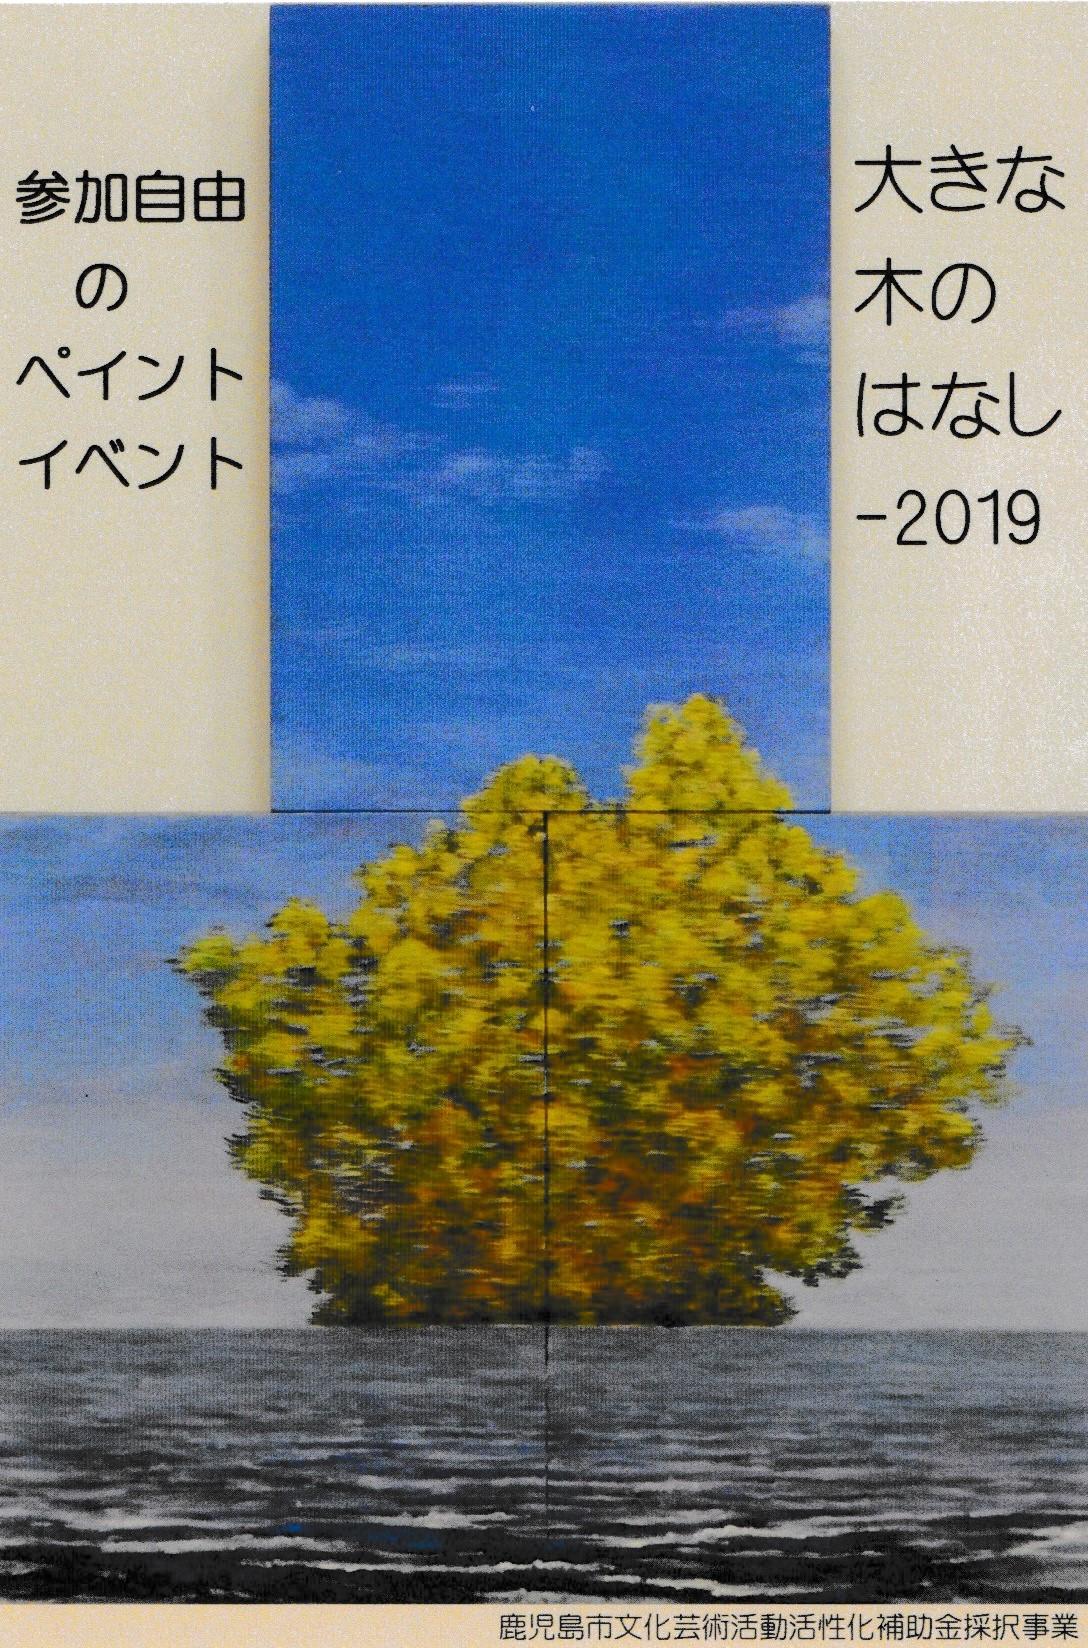 野外ギャラリーでの参加自由のペイントイベント  大きな木のはなし